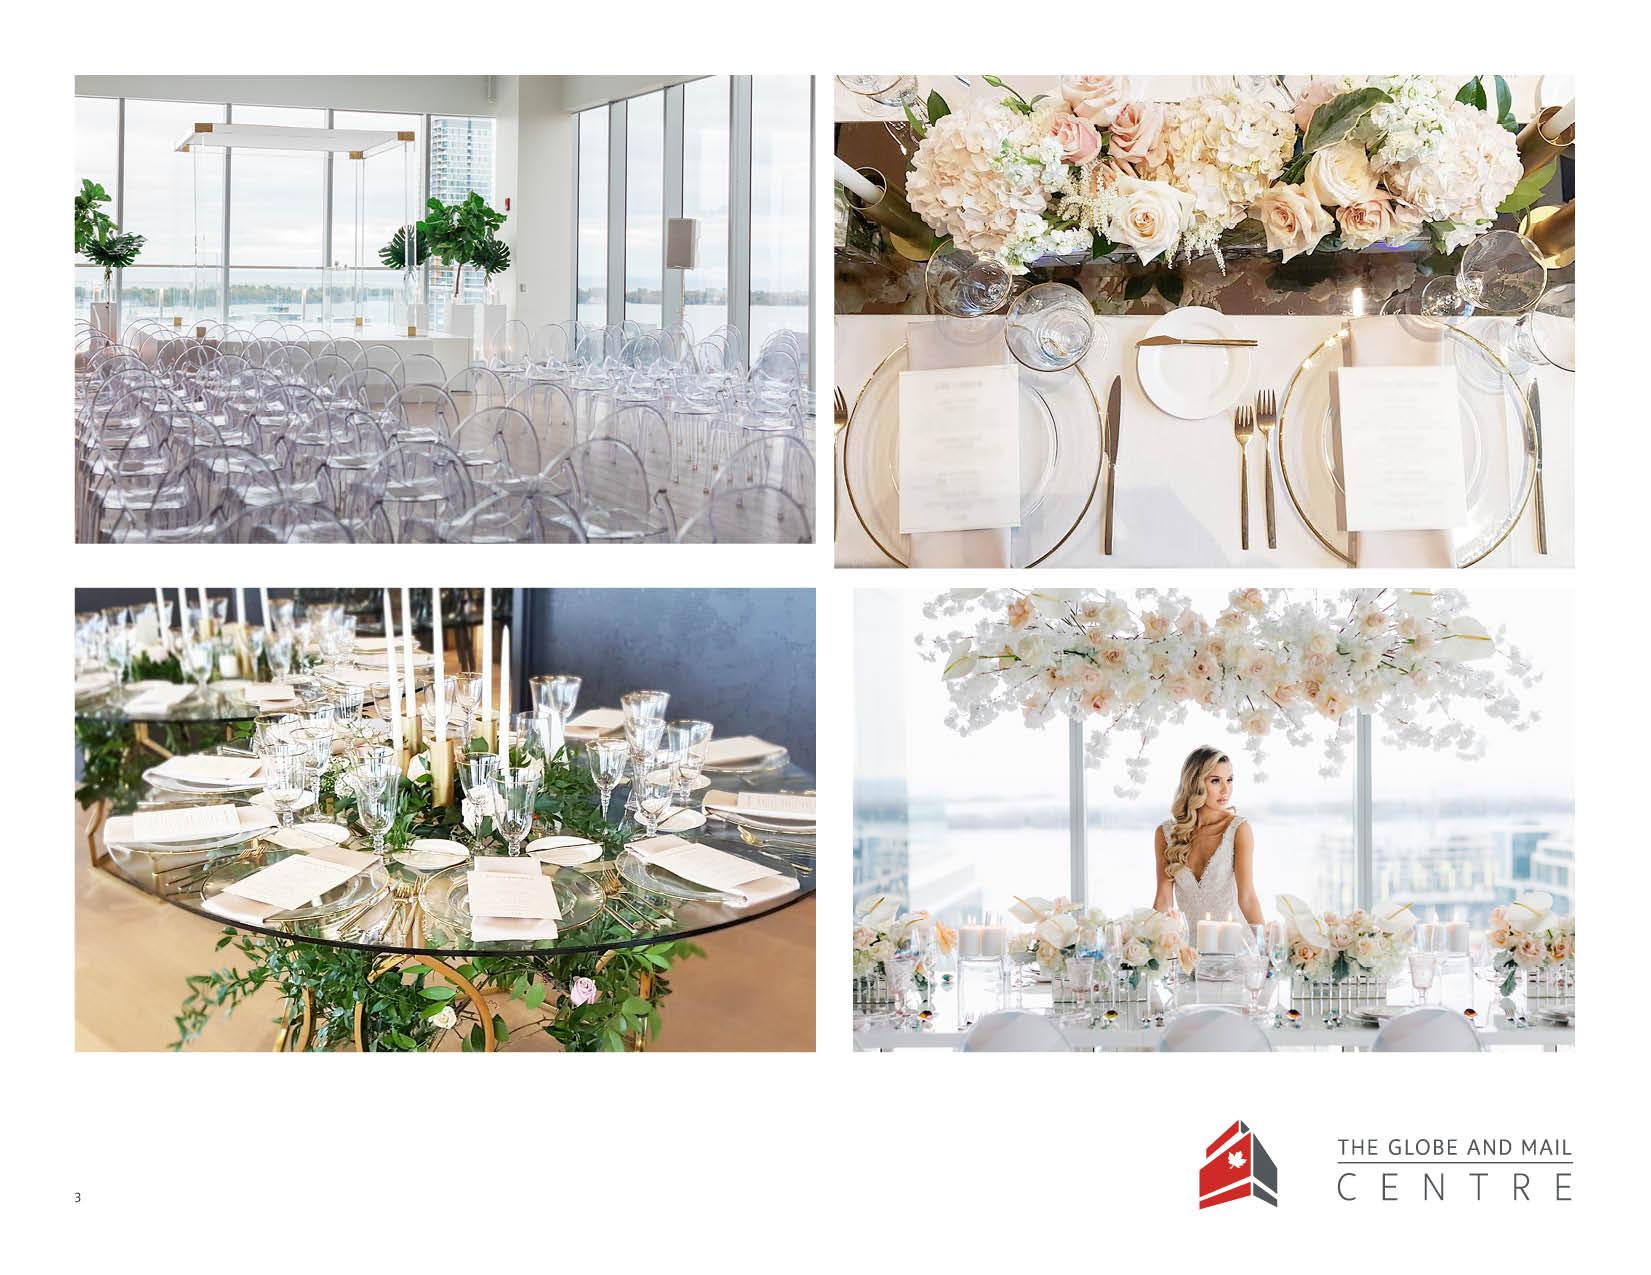 2019-09-03 GAMC Wedding Package3.jpg